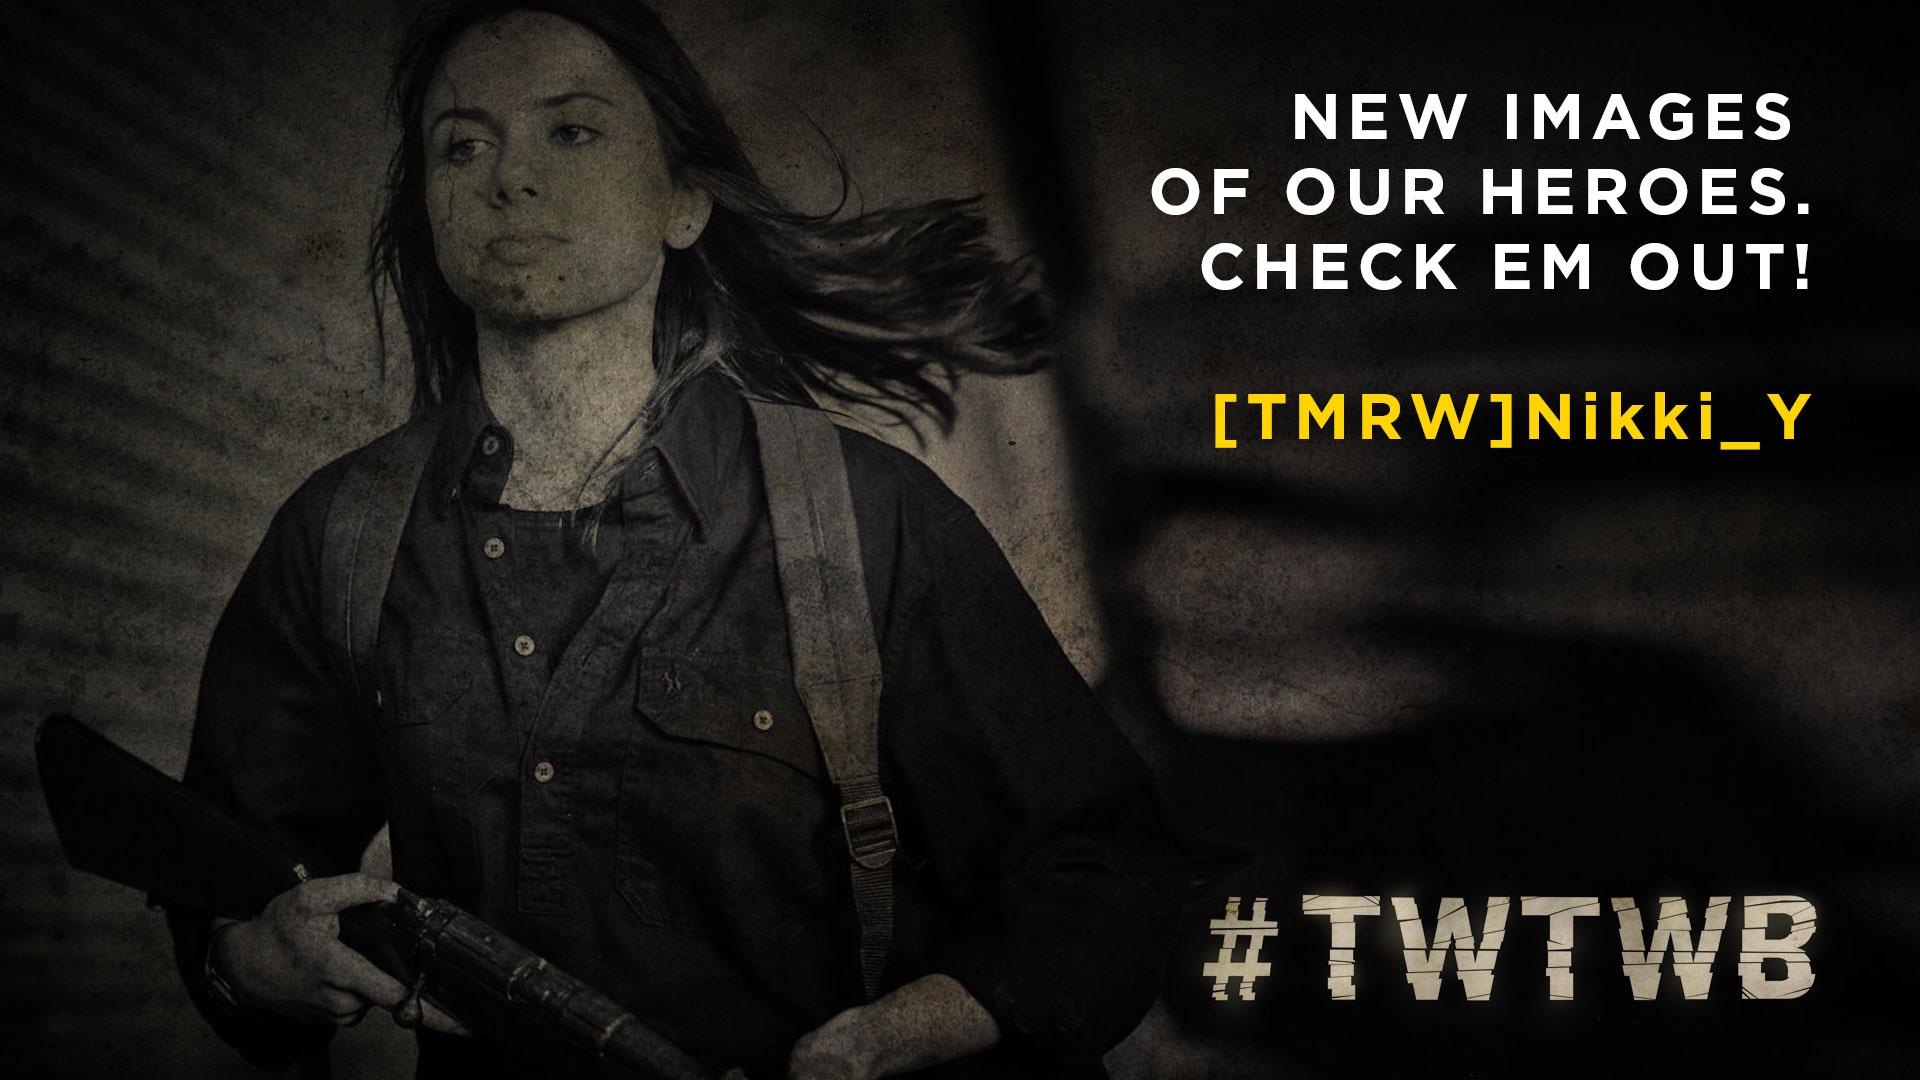 TMRW_Social_03.jpg